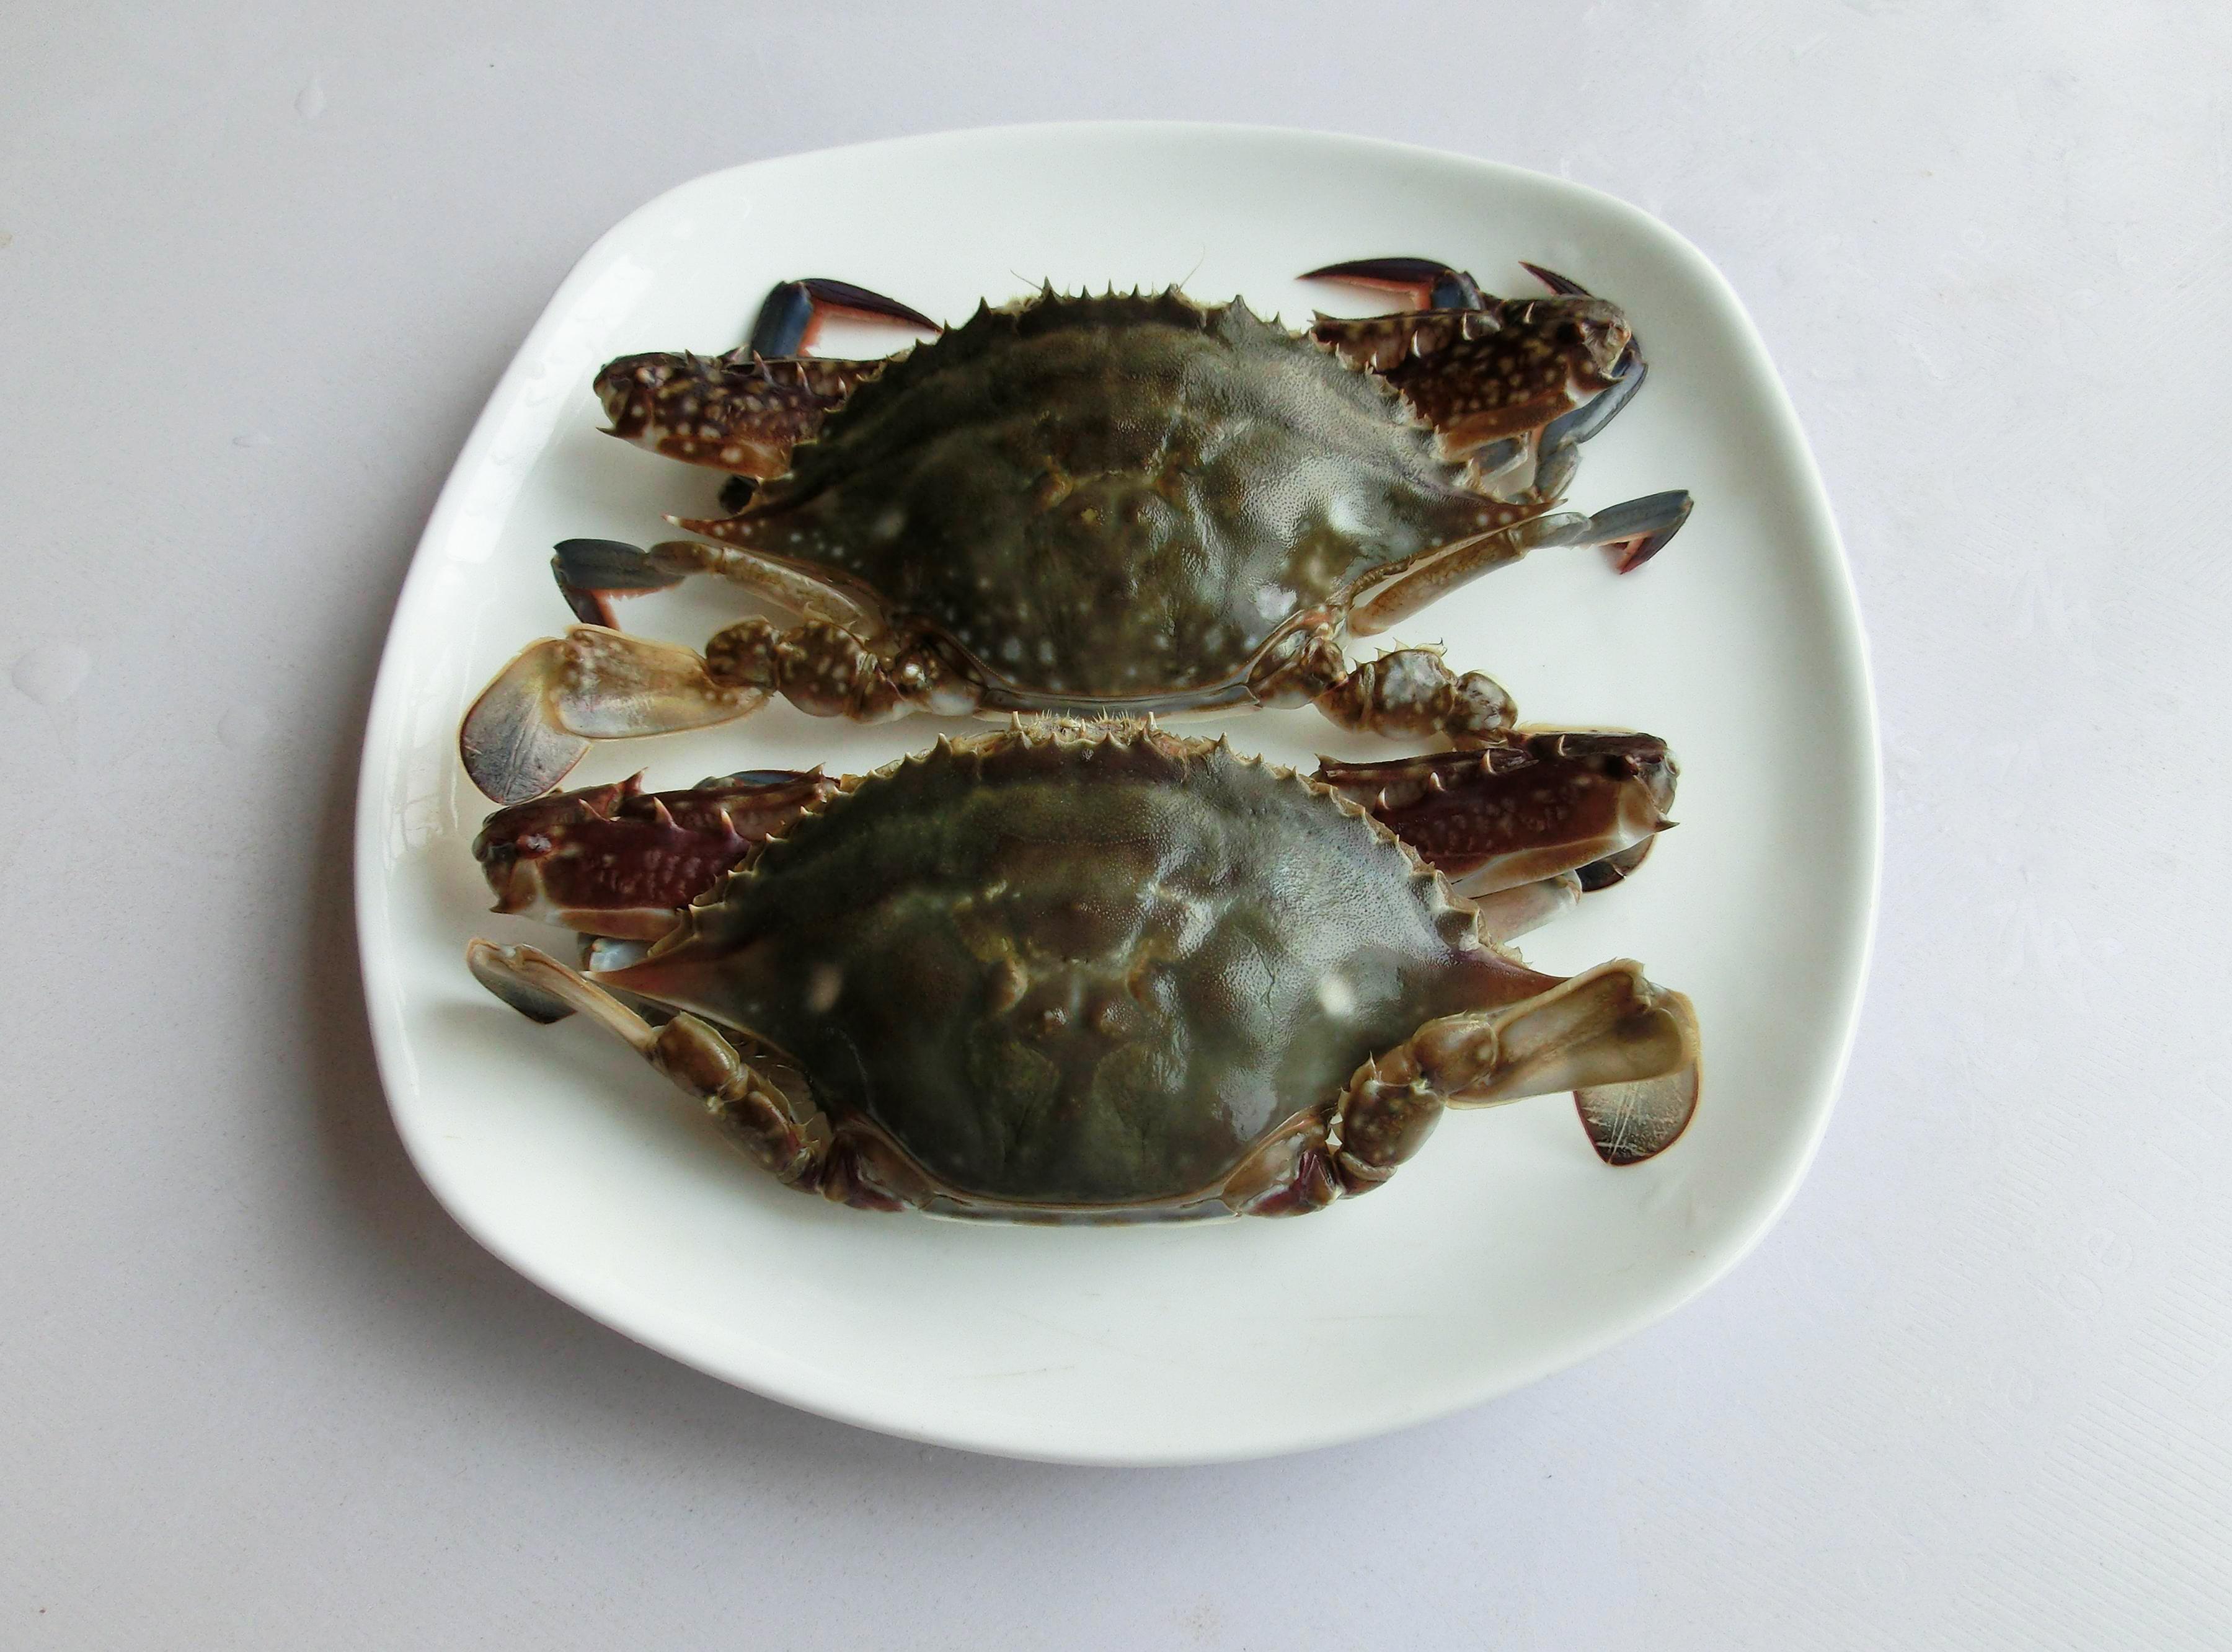 清蒸梭子蟹要蒸多长时间?老青岛人教你这样蒸,不流黄,最入味儿